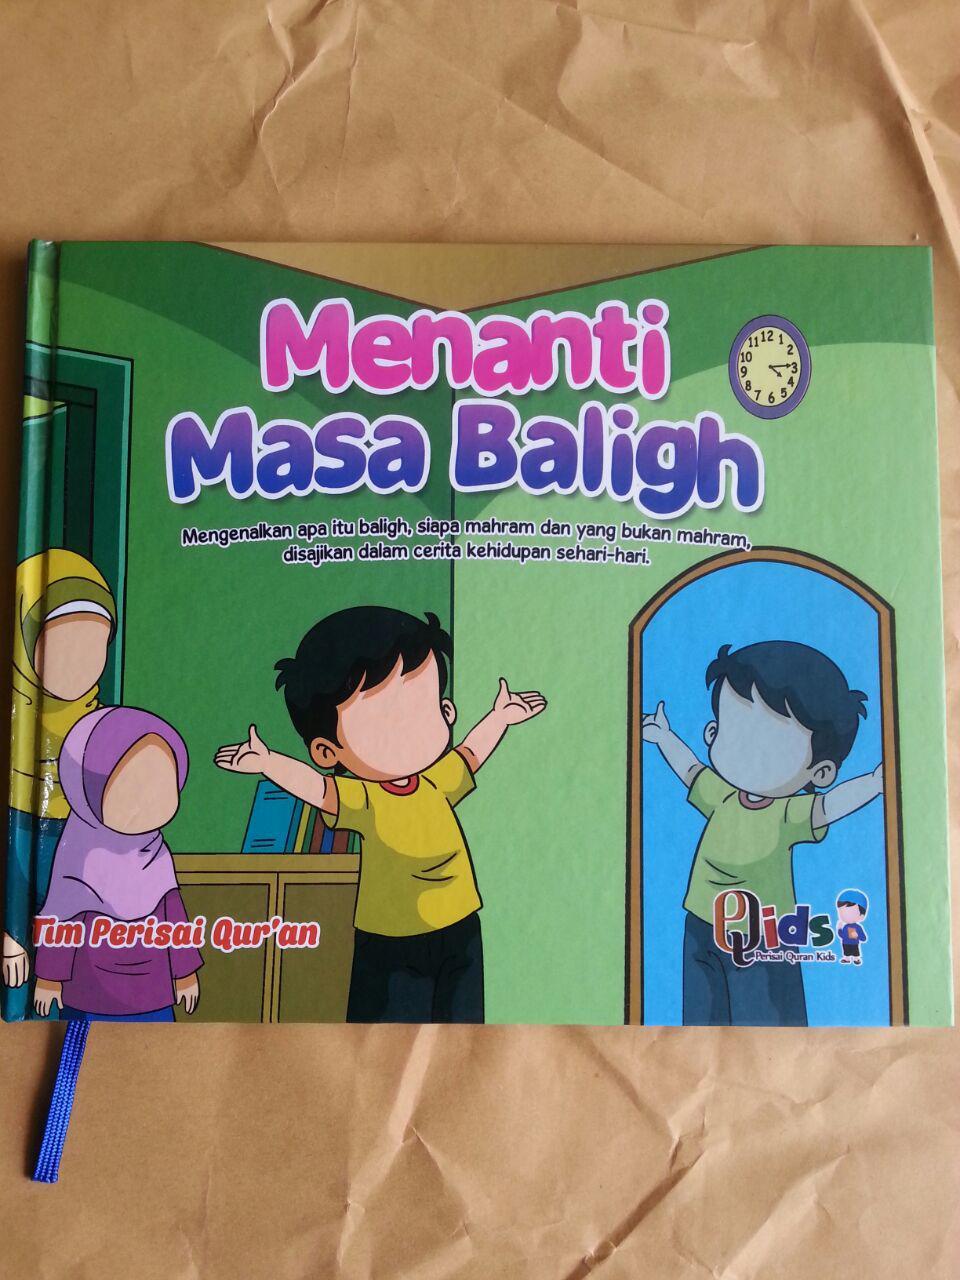 Buku Anak Menanti Masa Baligh Mengenalkan Baligh Mahram Dalam Cerita cover 2